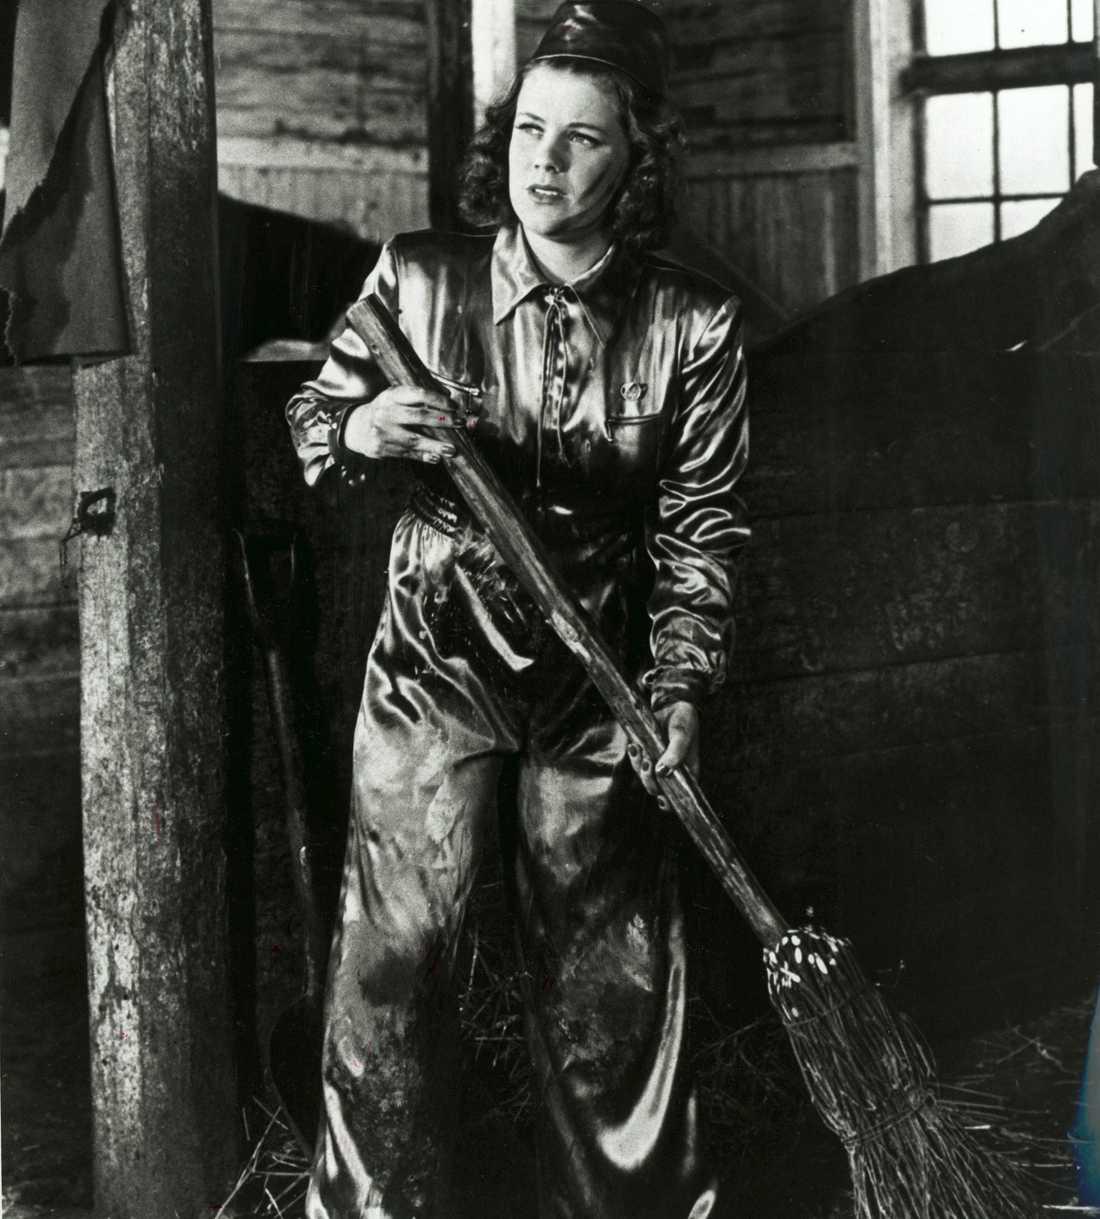 """1941 Krigsåret -41 spelade Sickan huvudrollen i komedin """"Landstormens lilla argbigga"""", där hon spelade den rika Stockholmstjejen Marianne som tar jobb som beredskapskvinna på landsbygden. En omställning som bäddar för skratt."""